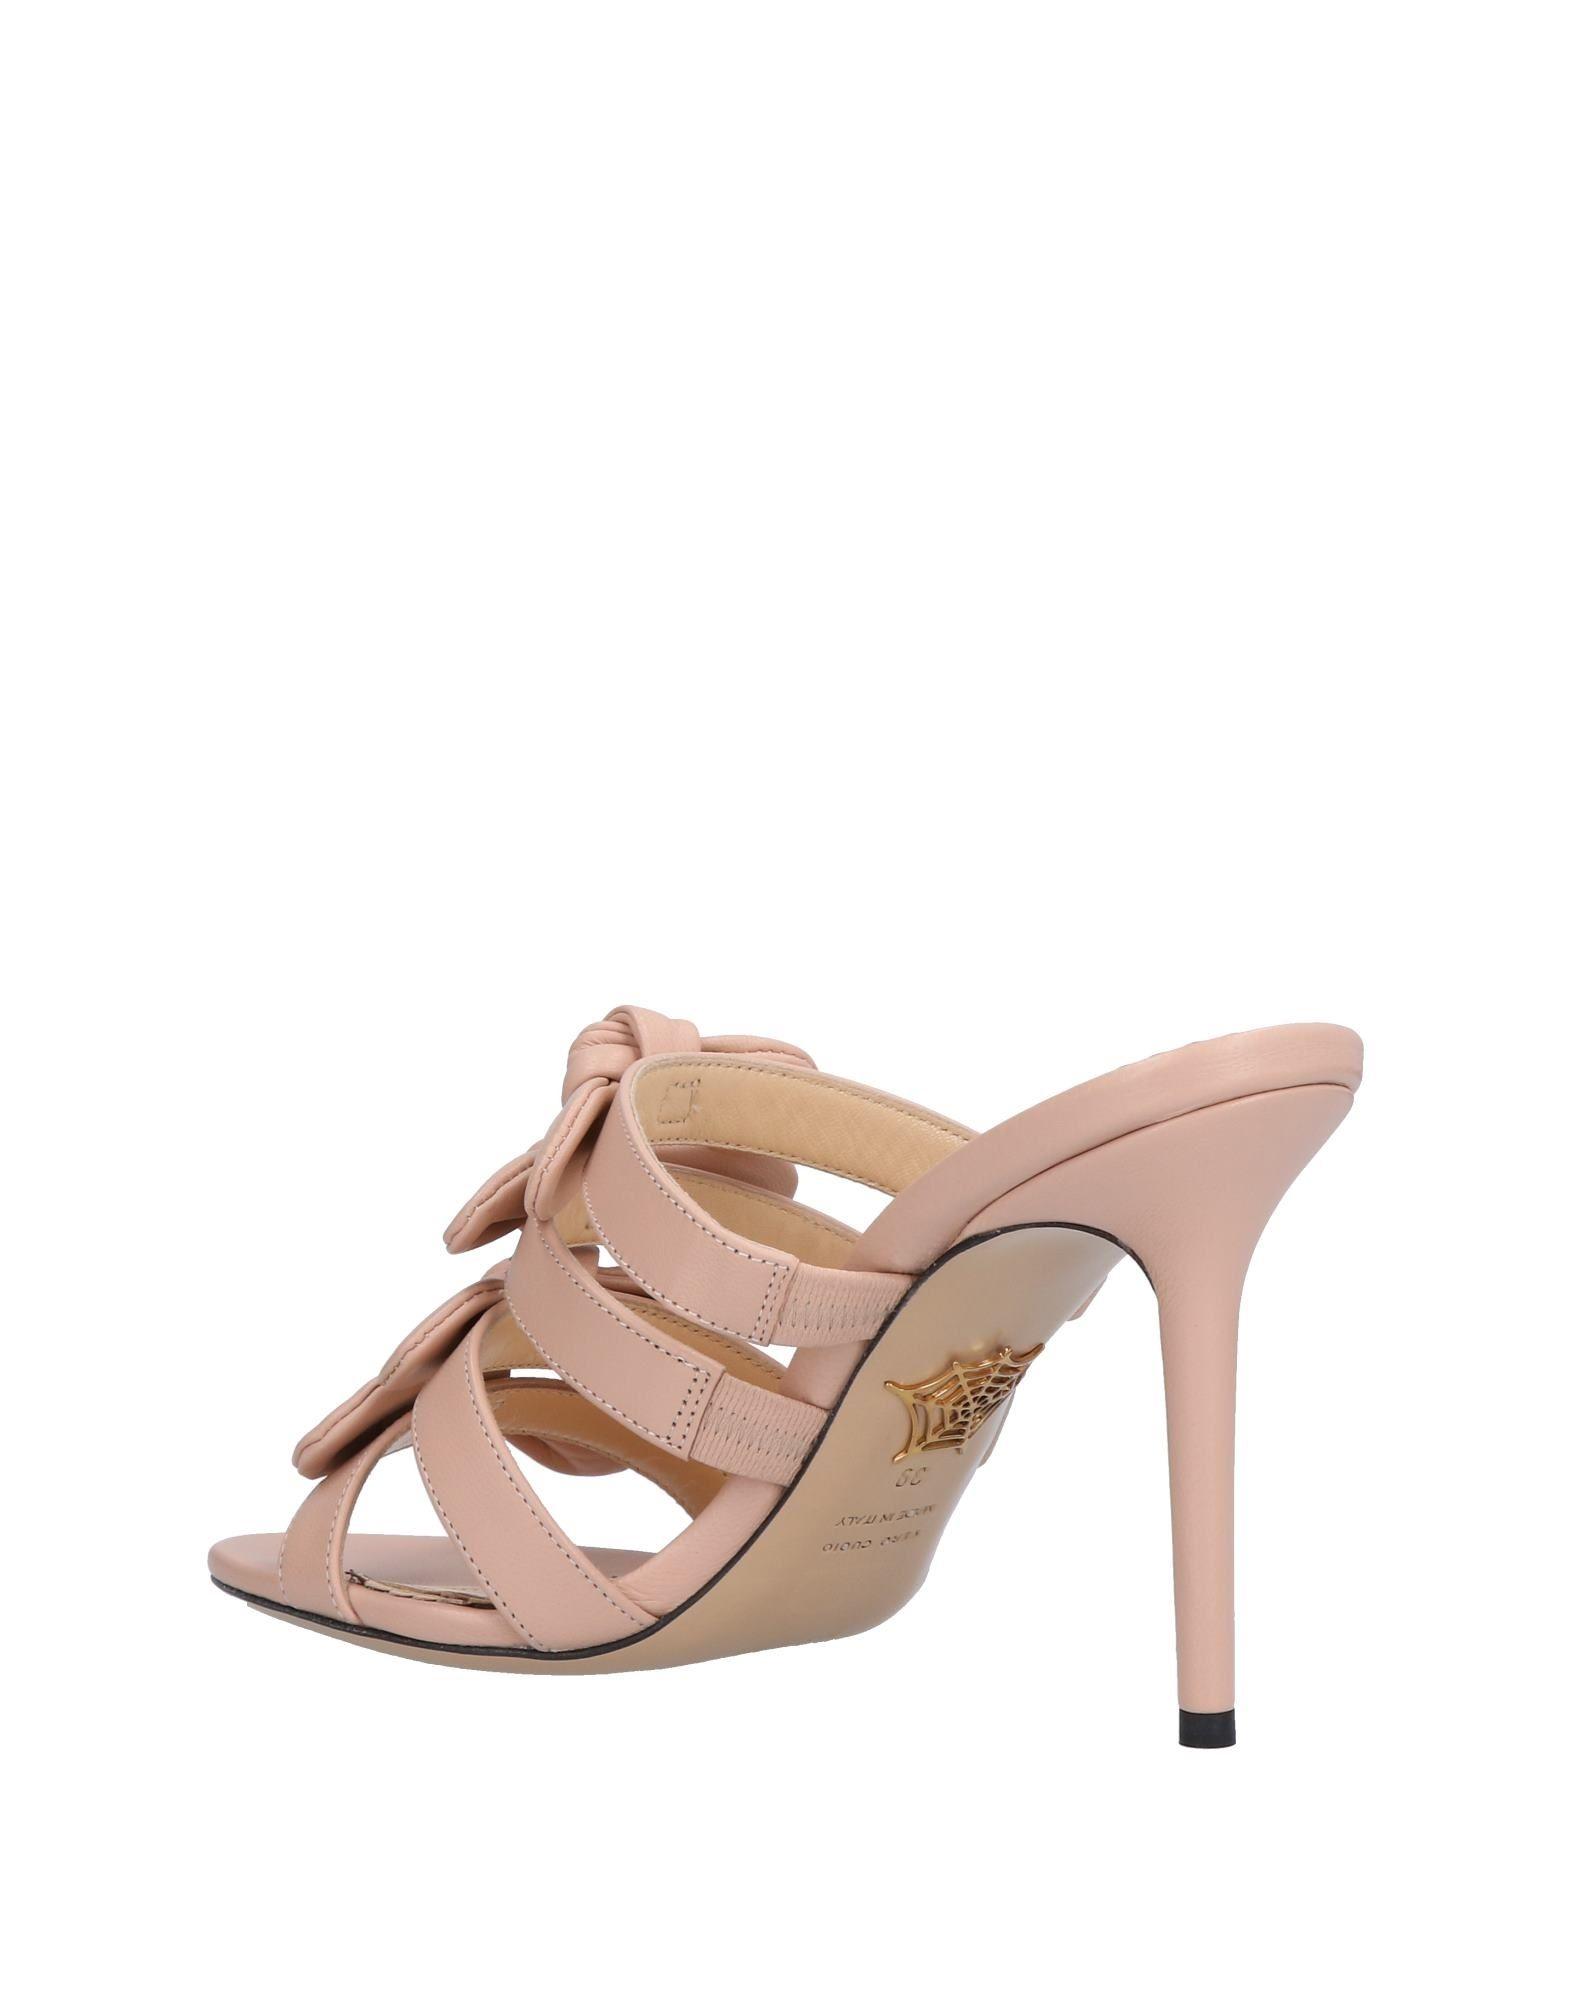 Rabatt Damen Schuhe Charlotte Olympia Sandalen Damen Rabatt  11485197NS f6eea7